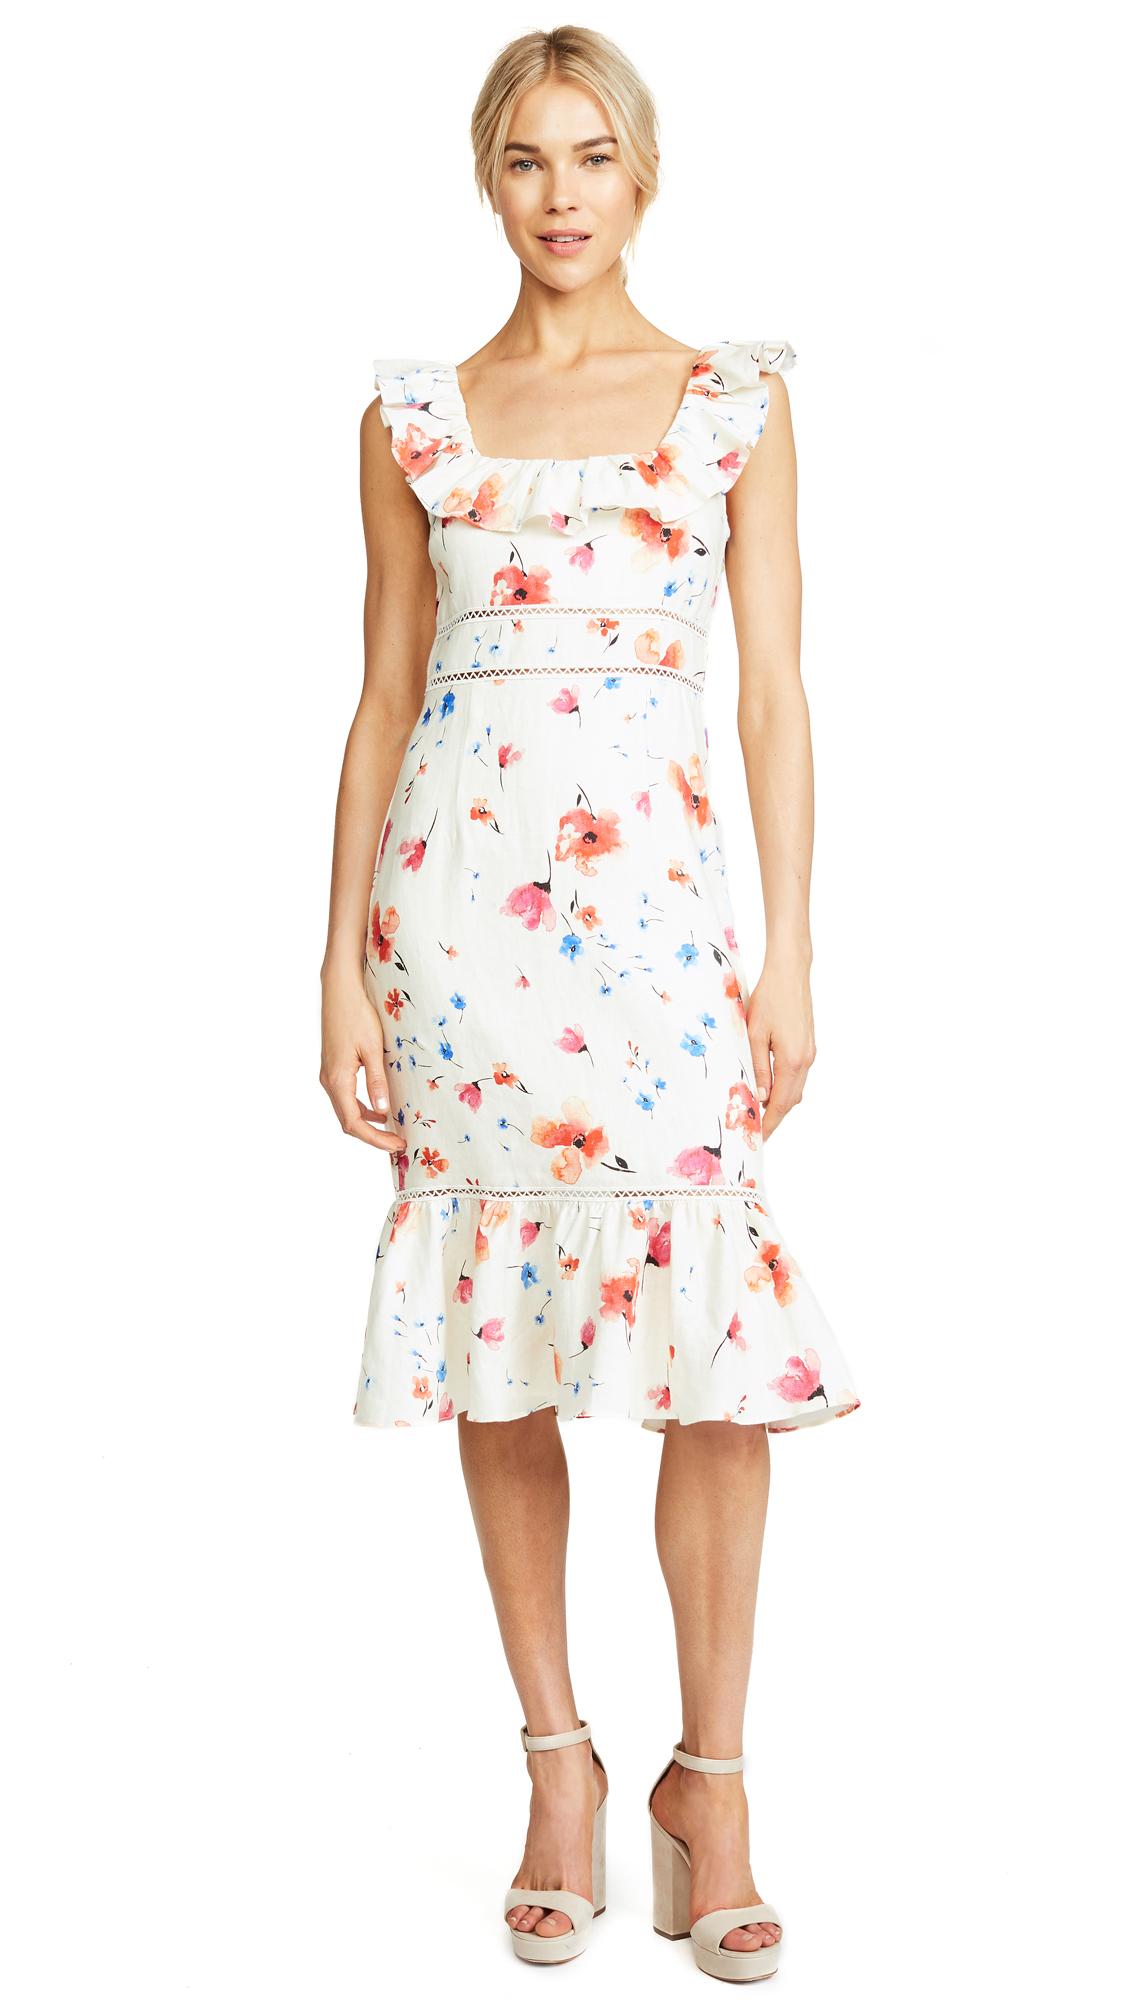 Saylor Missy Dress In Multi